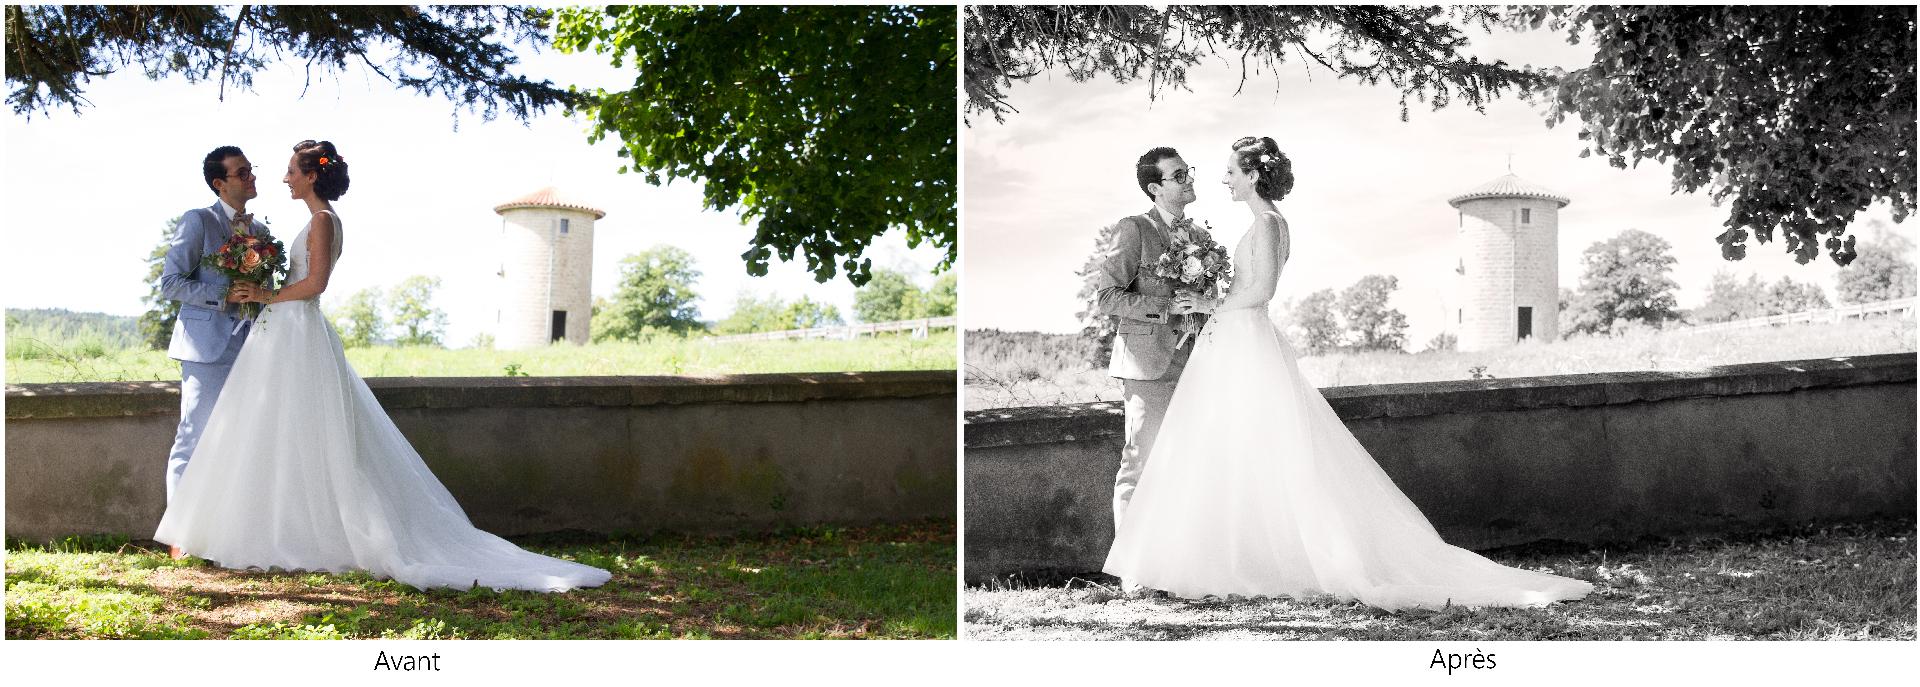 Chateau de Chazelles, Saint-André-de-Chalencon, été, mariage, séance couple, noir et blanc, reportage de mariage